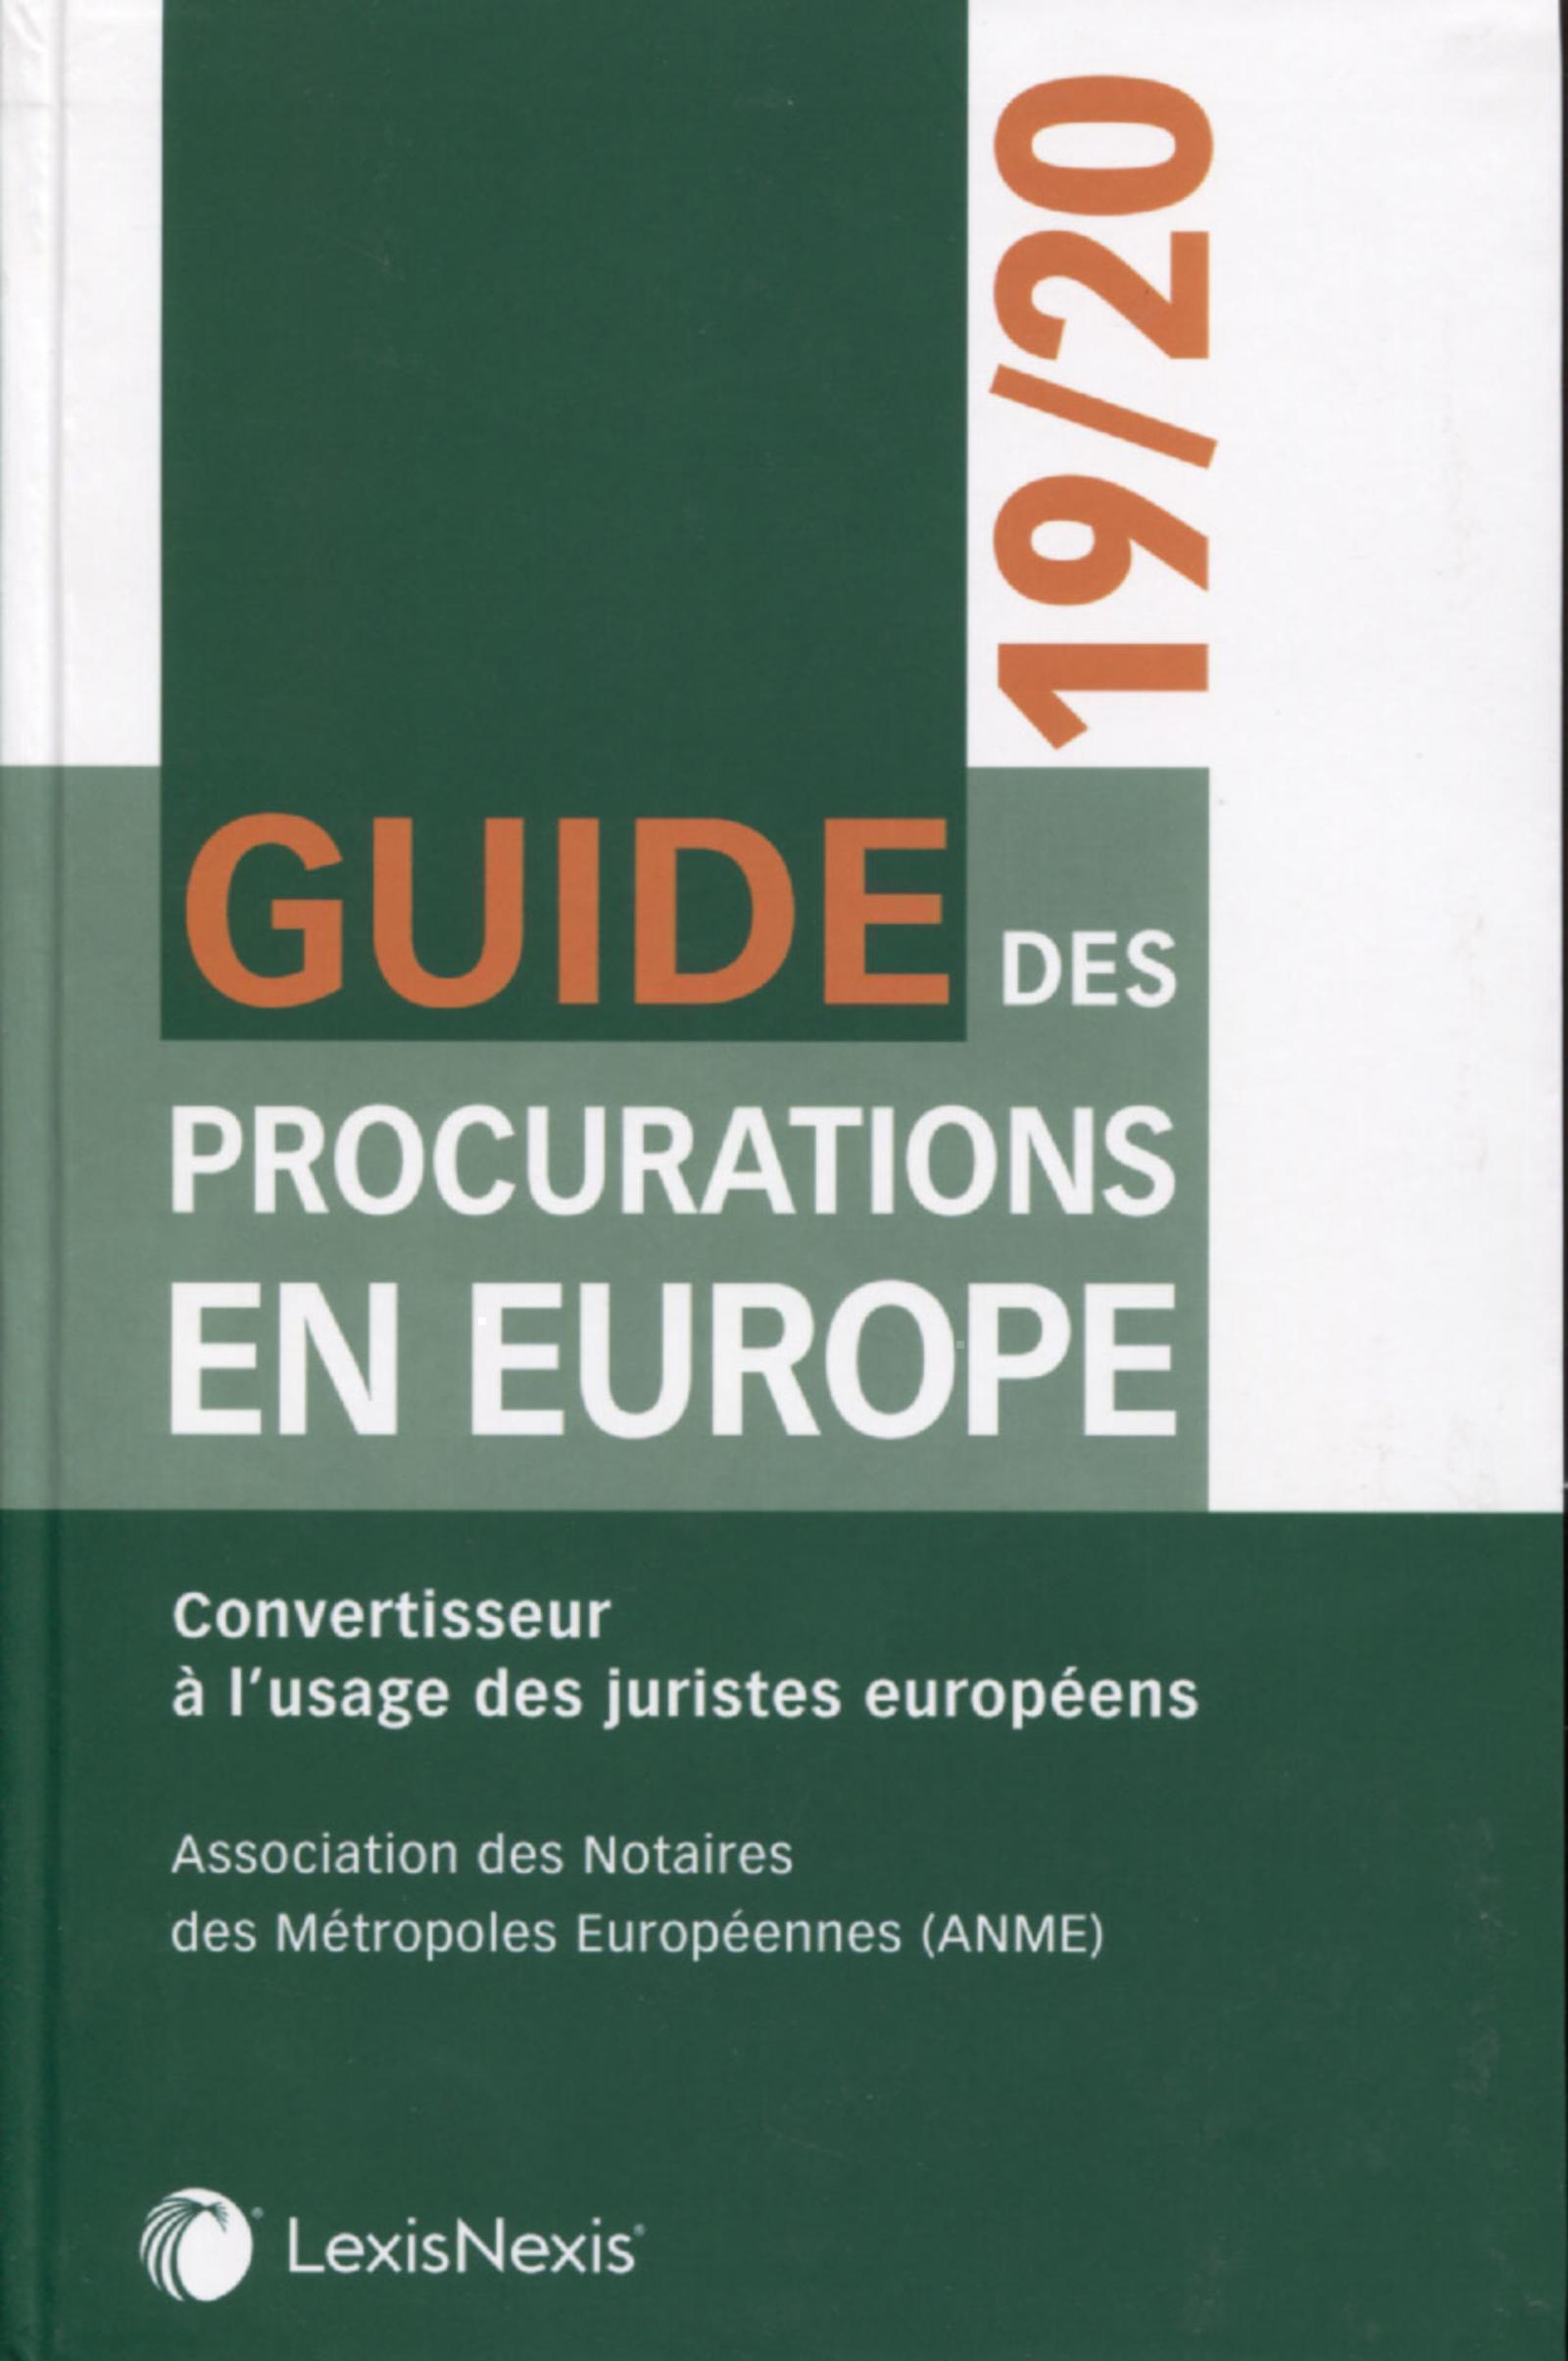 GUIDE DES PROCURATIONS EN EUROPE - CONVERTISSEUR A L USAGE DES JURISTES EUROPEENS